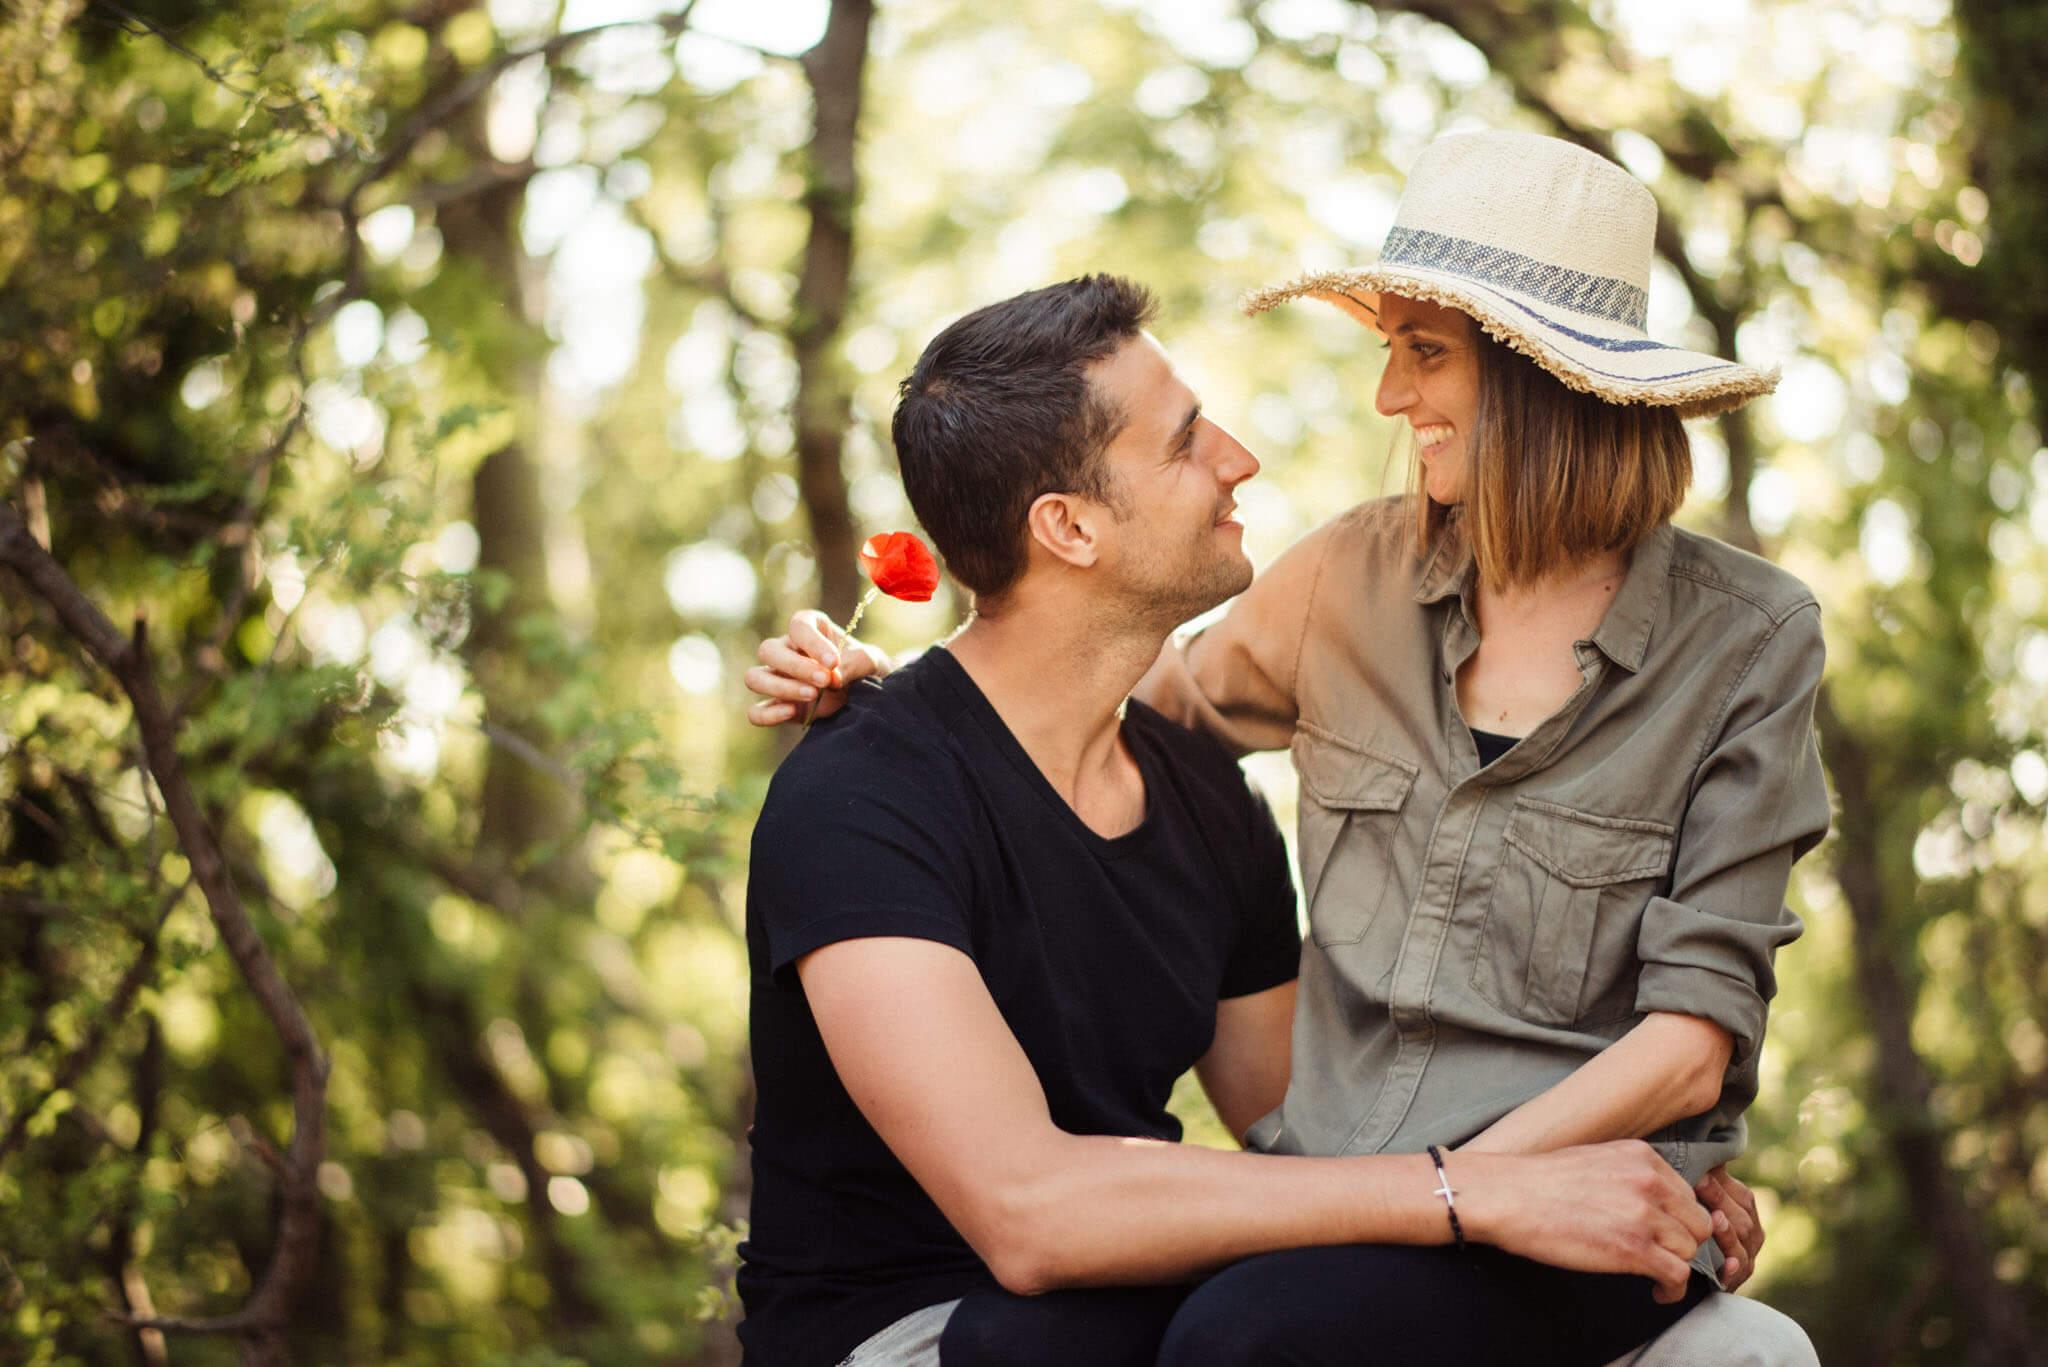 comment-reussir-vos-photos-de-couple-prendre-le-temps-assis-amoureux